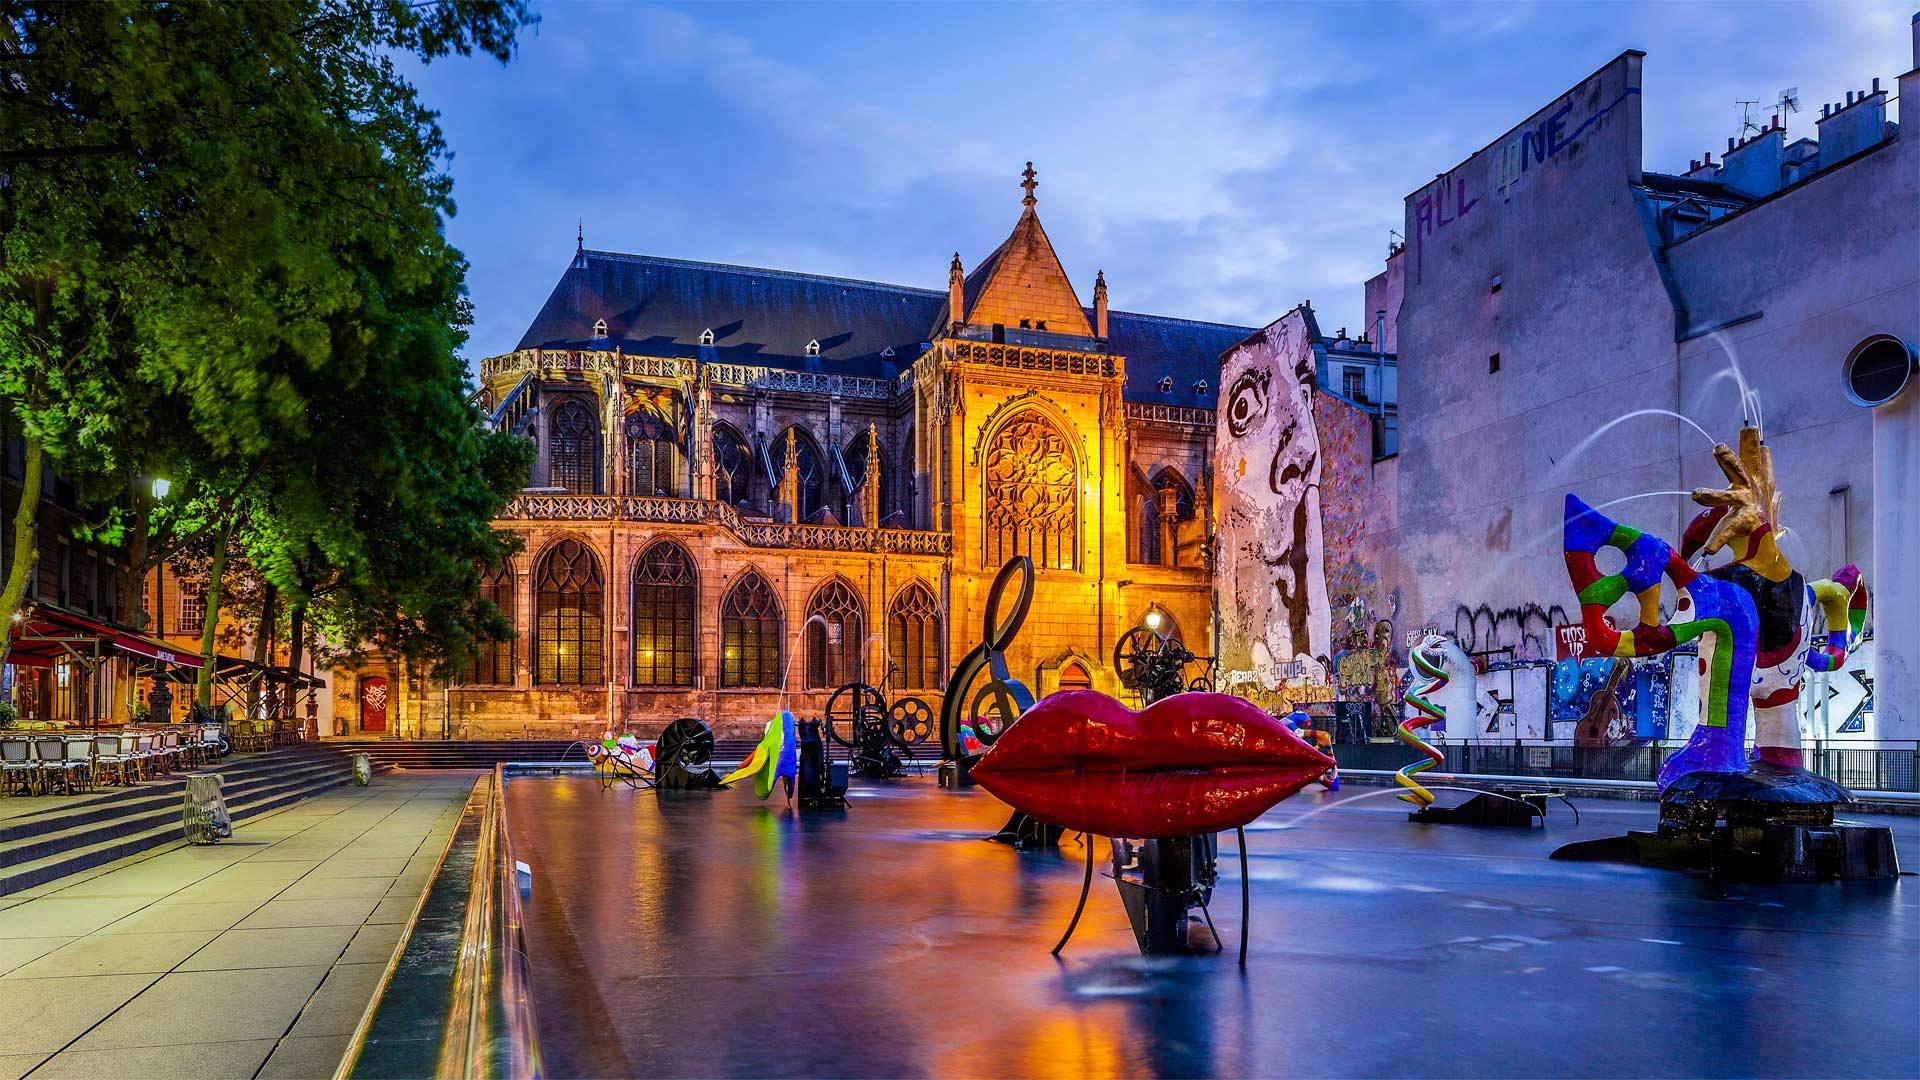 General 1920x1080 church France Paris city fountain